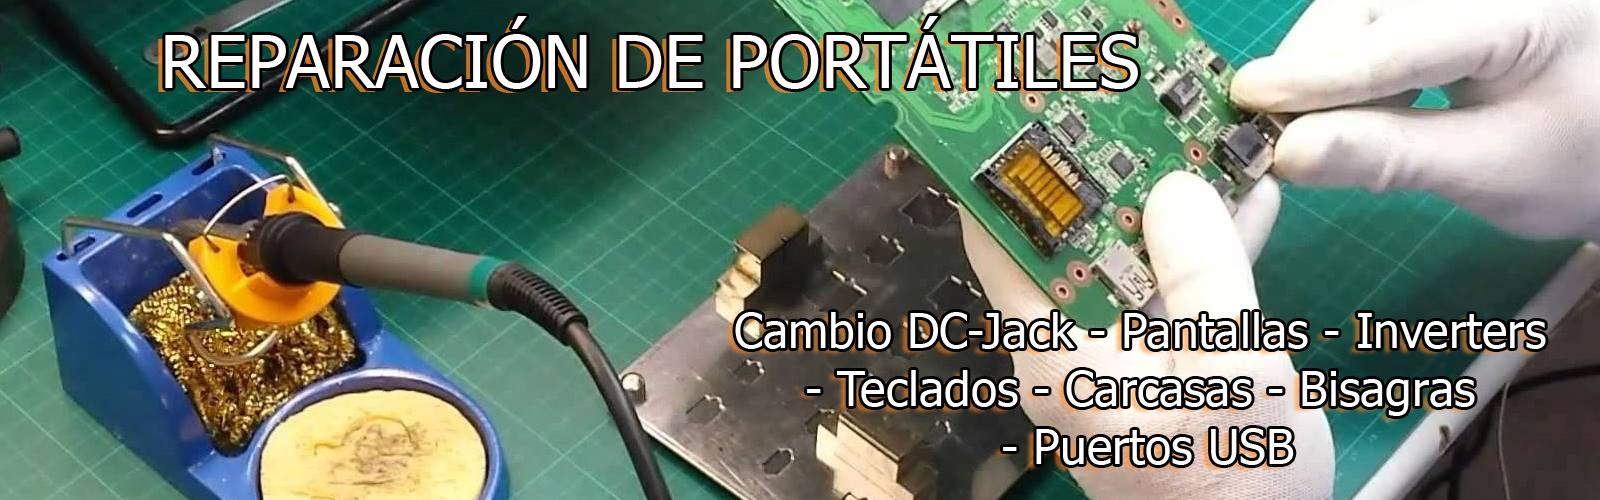 cambio dc-jack